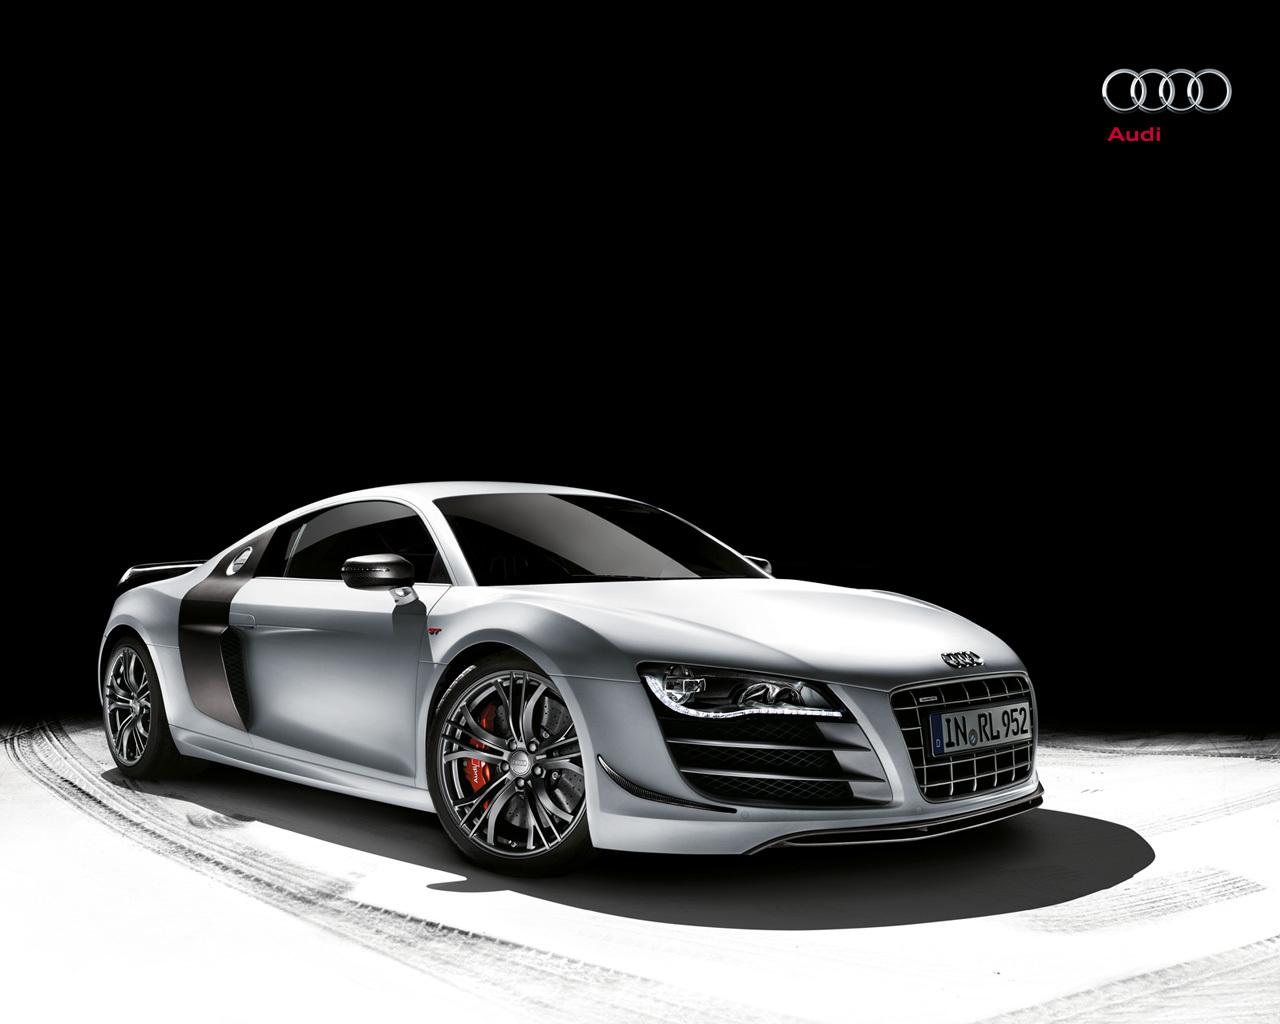 21417 скачать обои Транспорт, Машины, Ауди (Audi) - заставки и картинки бесплатно